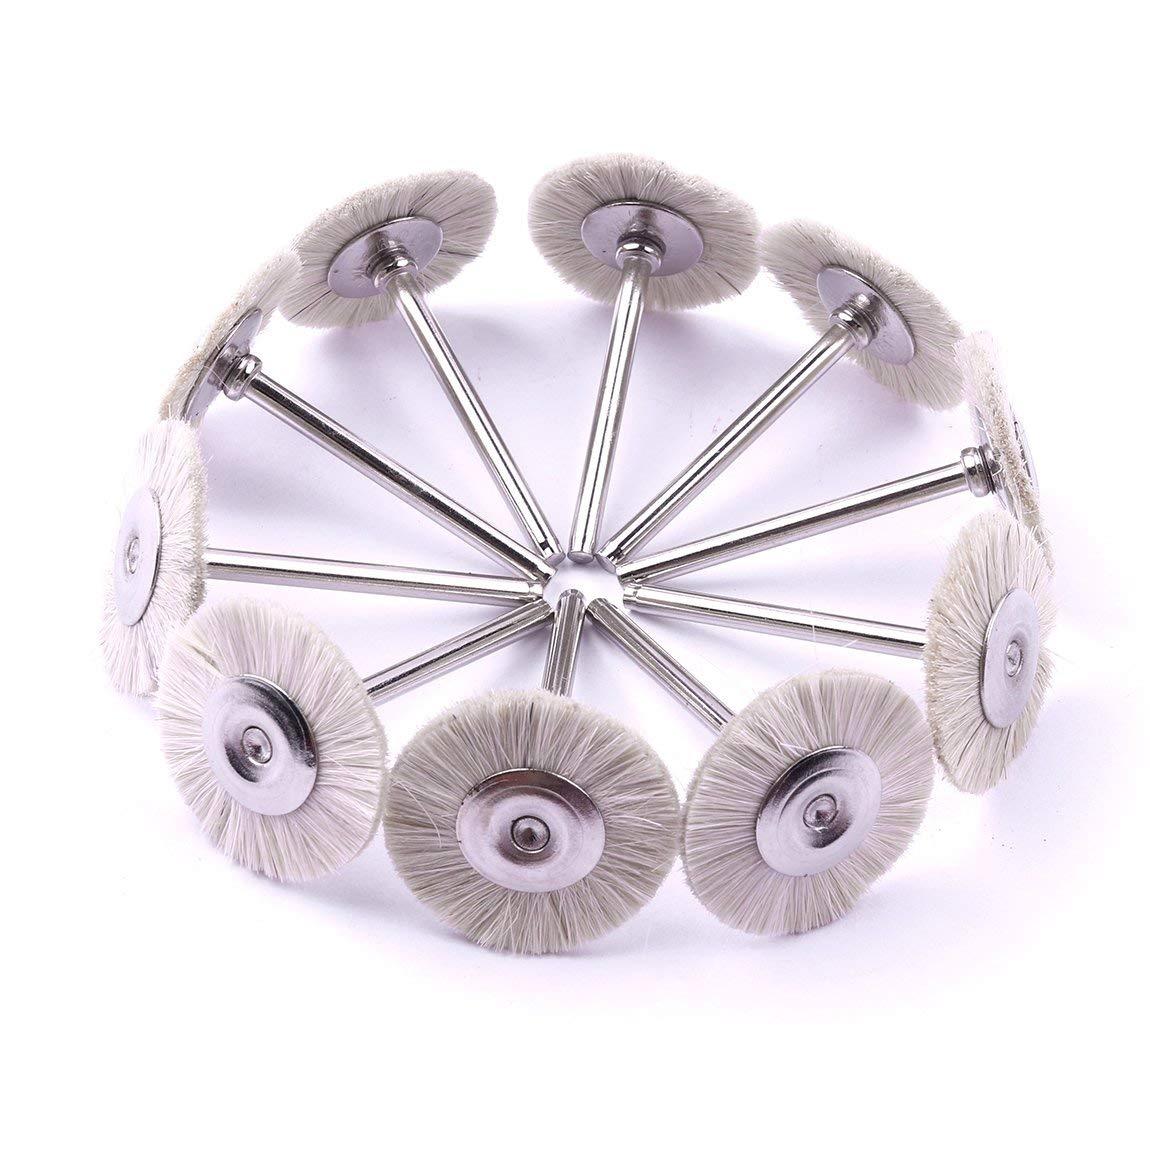 Letbo New 30pcs Soft White Goat Hair Polishing Wheel Brushes Set